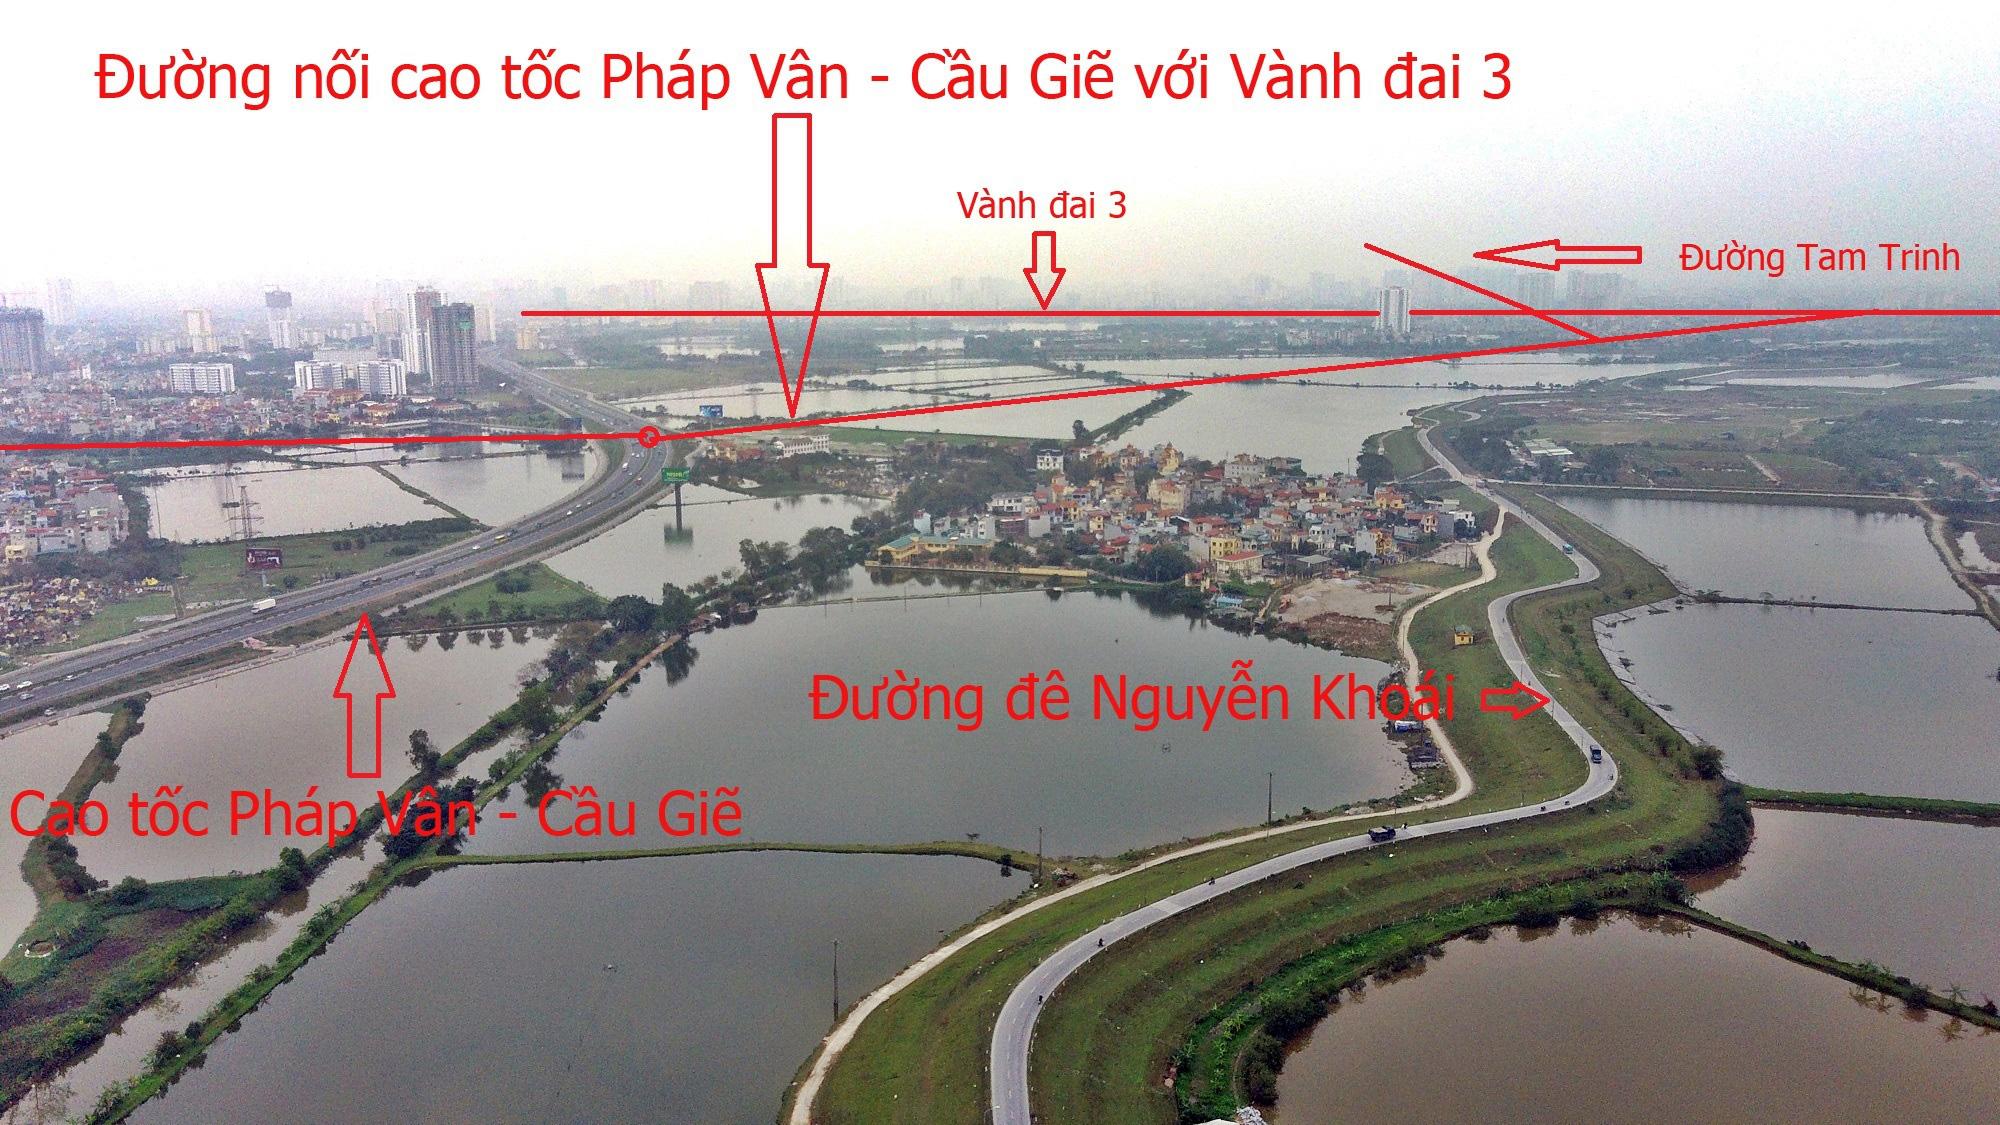 Đường sẽ mở theo qui hoạch: Toàn cảnh đường nối cao tốc Pháp Vân - Cầu Giẽ với Vành đai 3 - Ảnh 18.